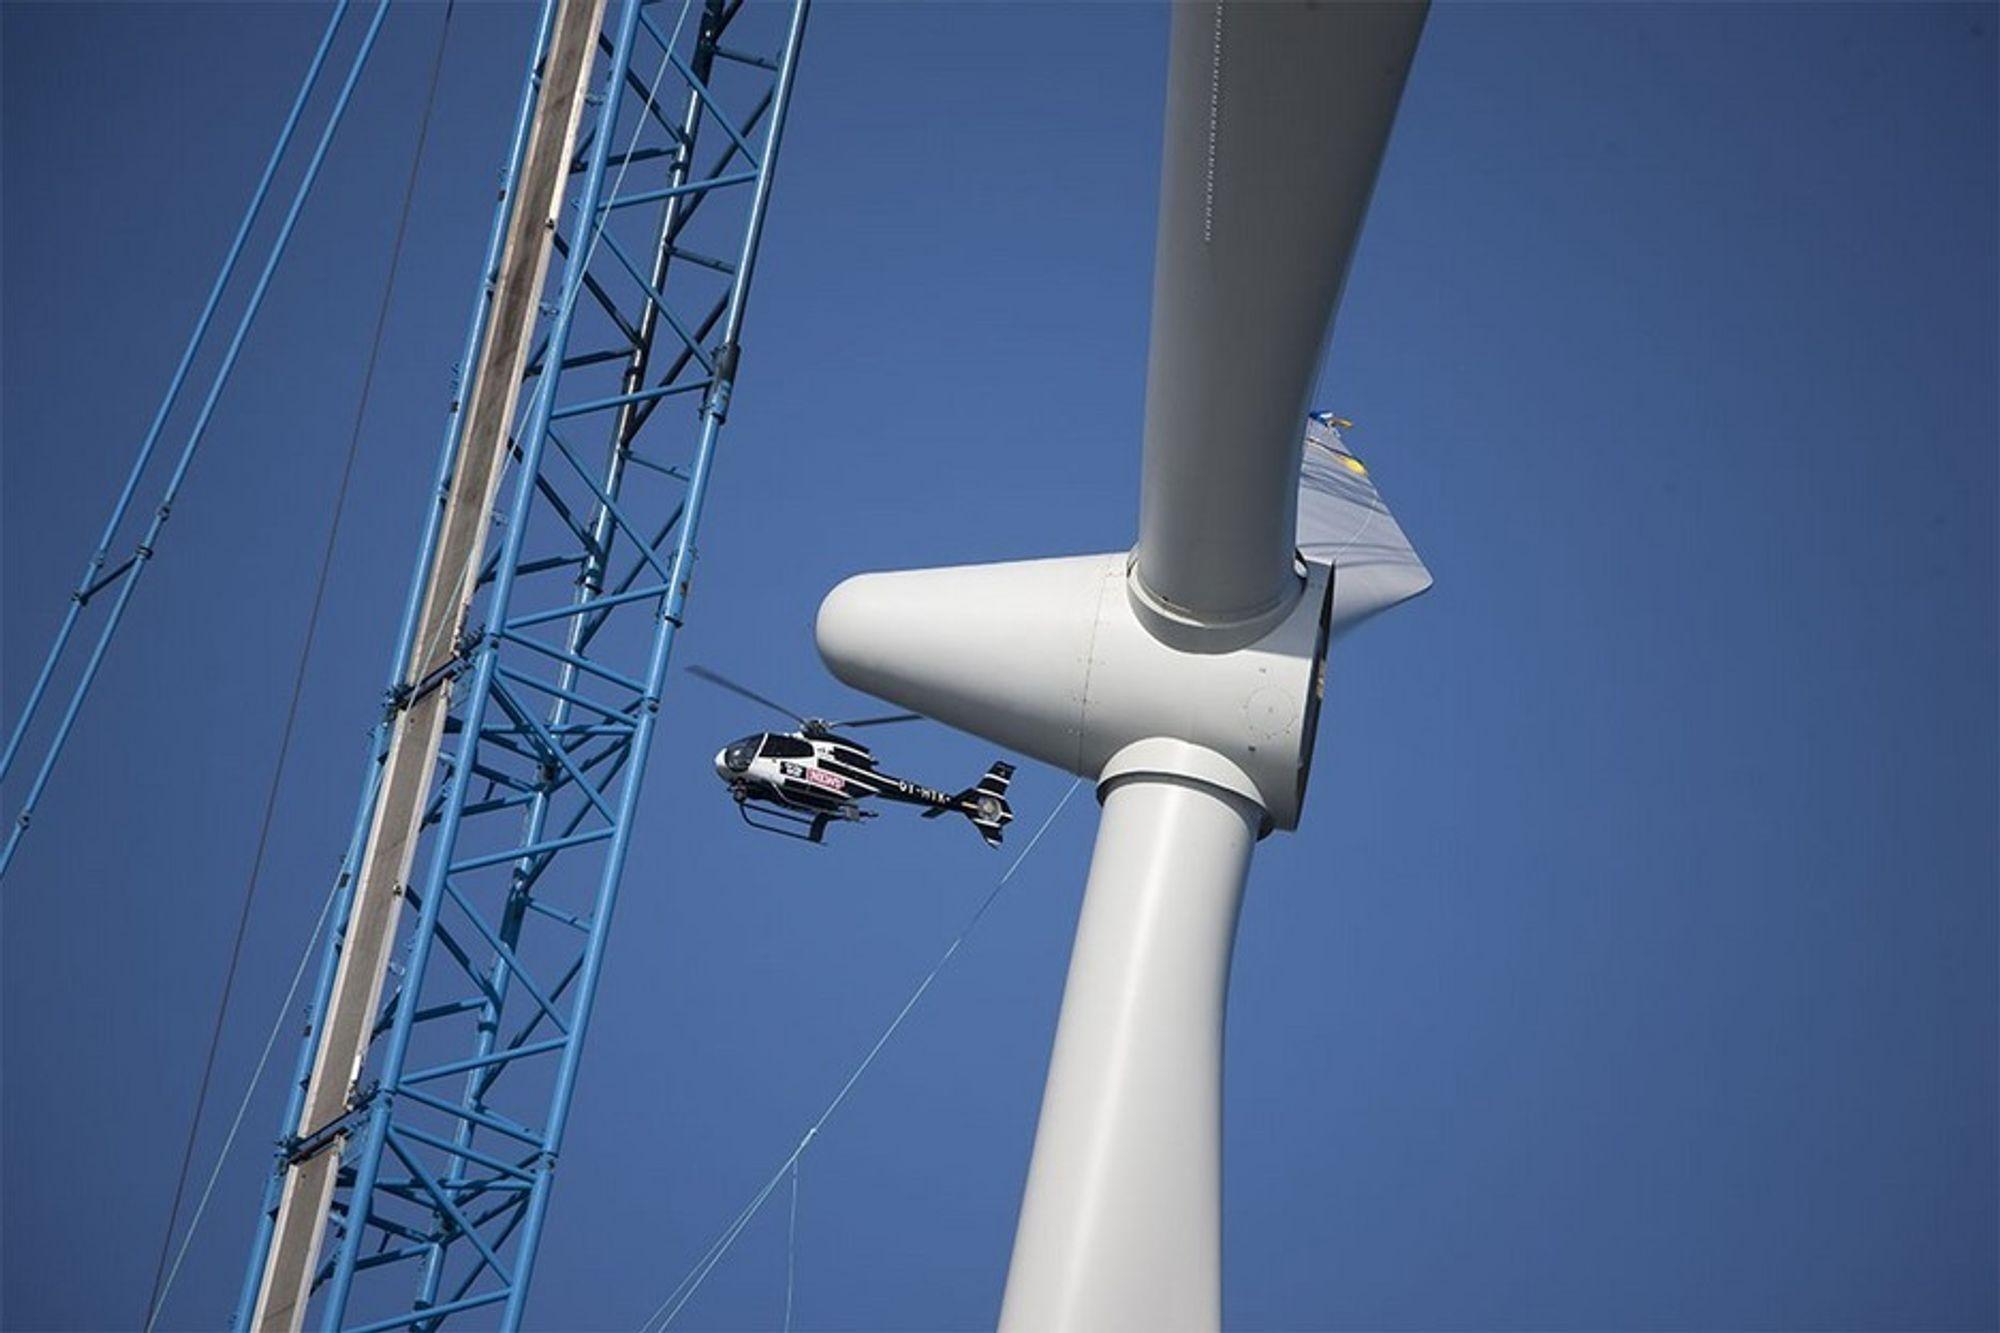 BYGGER VINDTURBINER: Danskenes løsning på energiutfordringen er å bygge flere vindmøller. Siden kraftproduksjonen er ustabil, må Danmark tilpasse strømsystemet og -forbruket til dette.